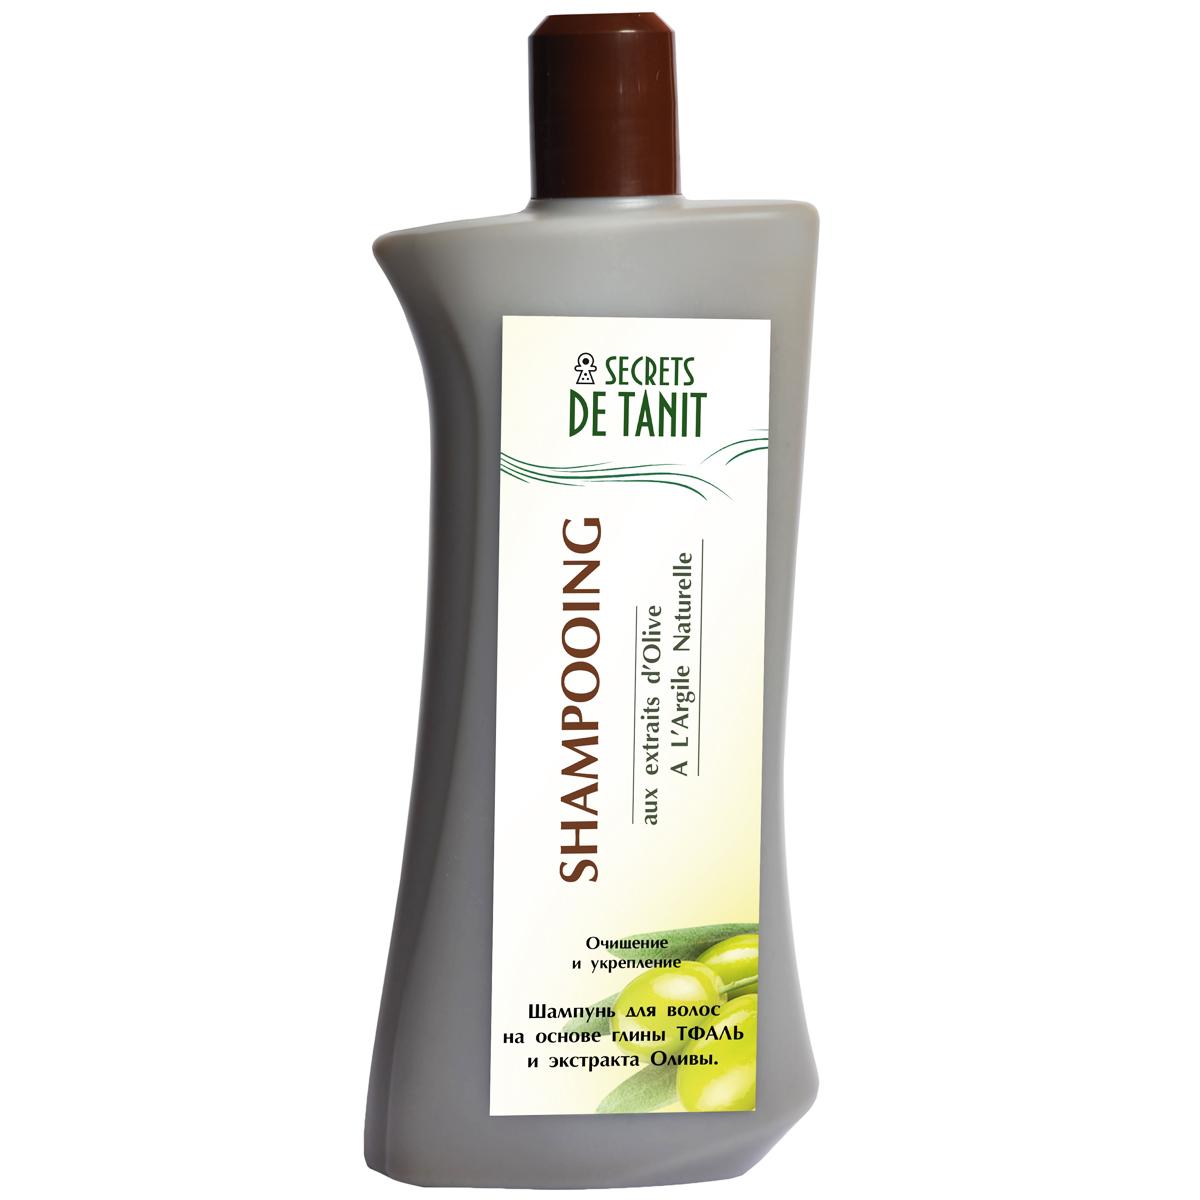 Secrets de Tanit Шампунь с Тфалью и маслом оливы, 400 мл1000020Натуральный шампунь  Secrets de Tanitна основе глины Тфаль (Гассуль ) вулканического происхождения деликатно очищает волосы от загрязнений и осуществляет деликатный пилинг кожи головы. Масло оливы, входящее в состав шампуня, питает волосы, насыщает витаминами А, Е, защищает волосы от негативного воздействия окружающей среды. В результате мытья волосы уплотняются, приобретают блеск и сияние.